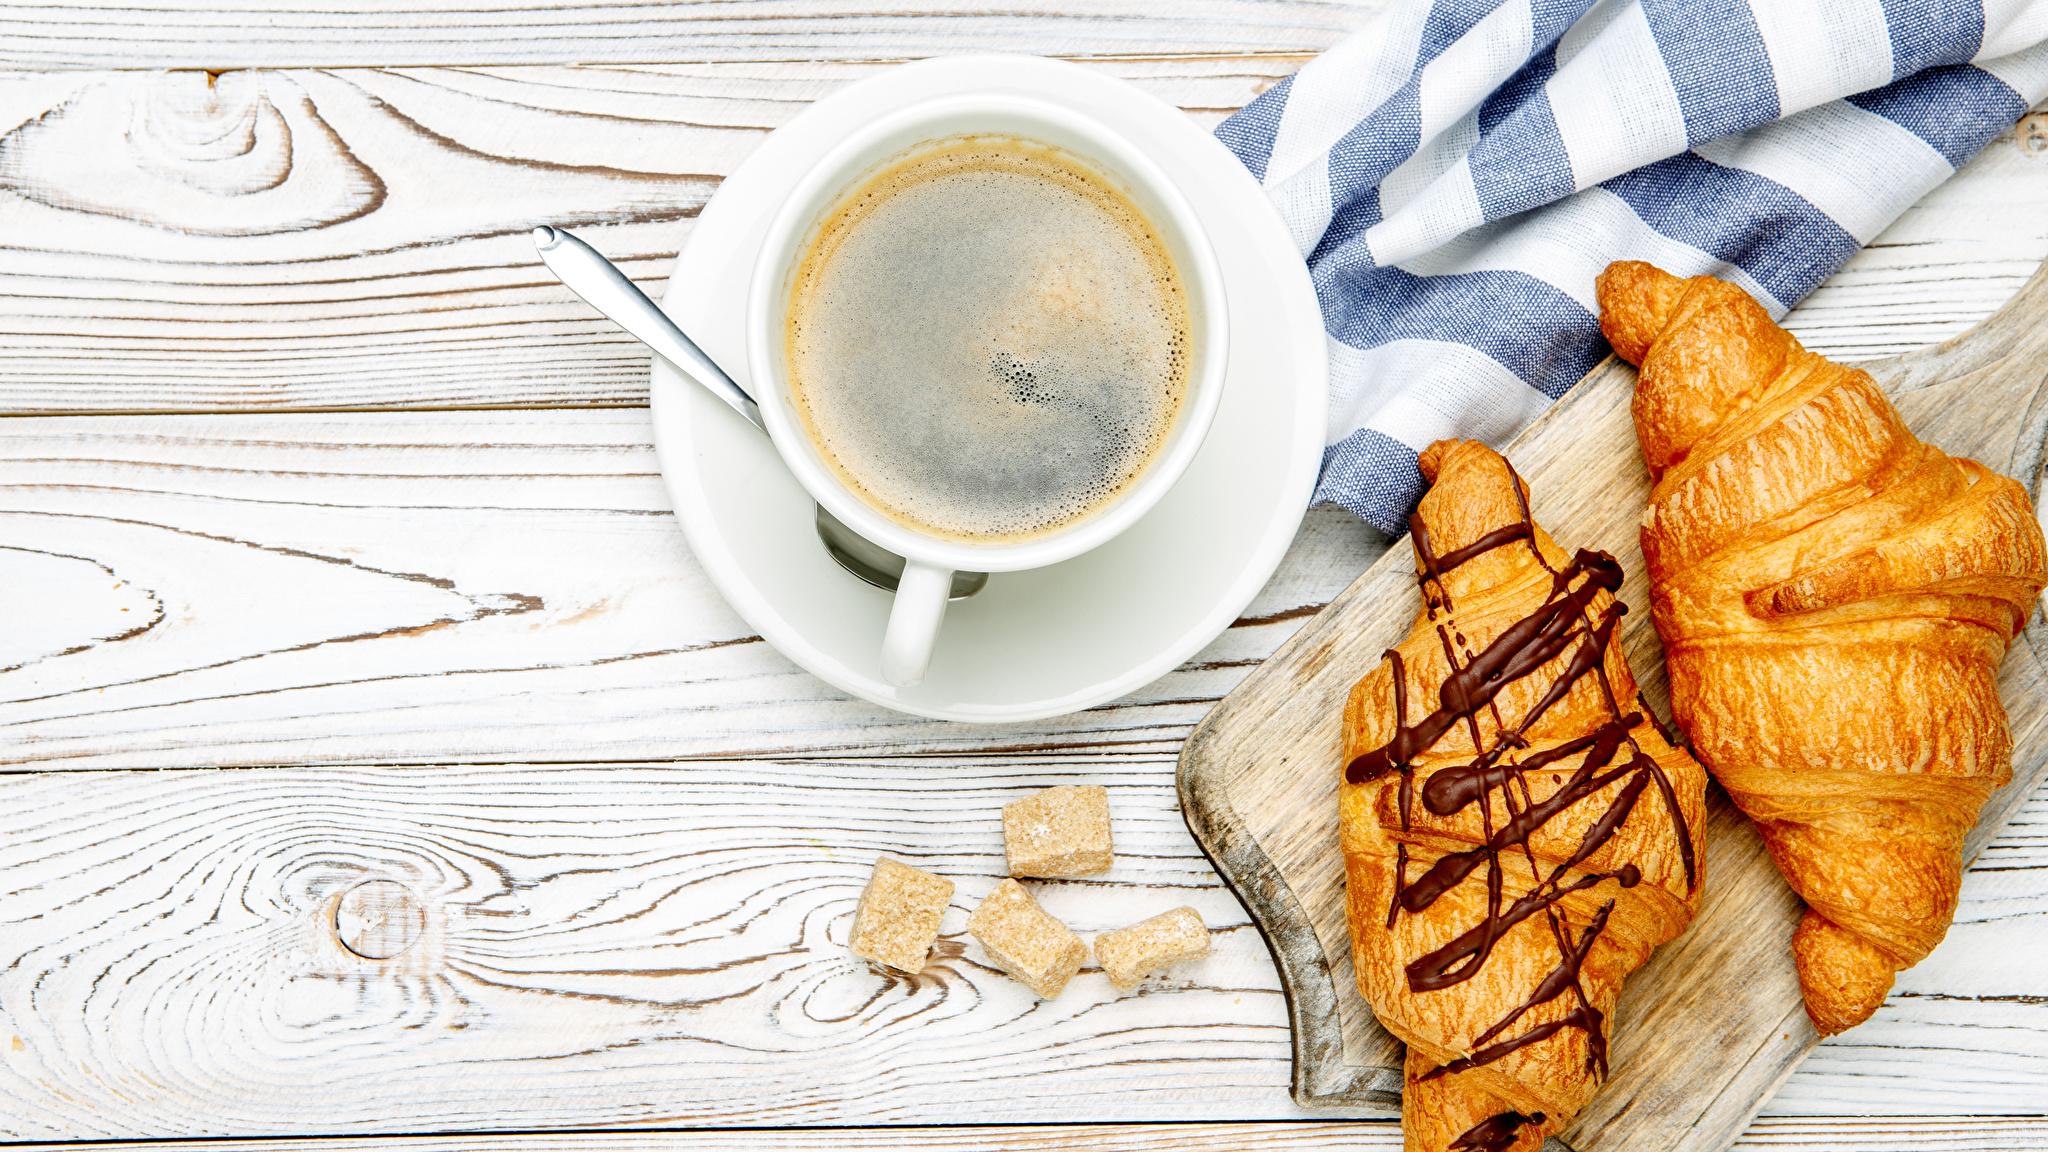 еда круасаны кофе зерна бесплатно